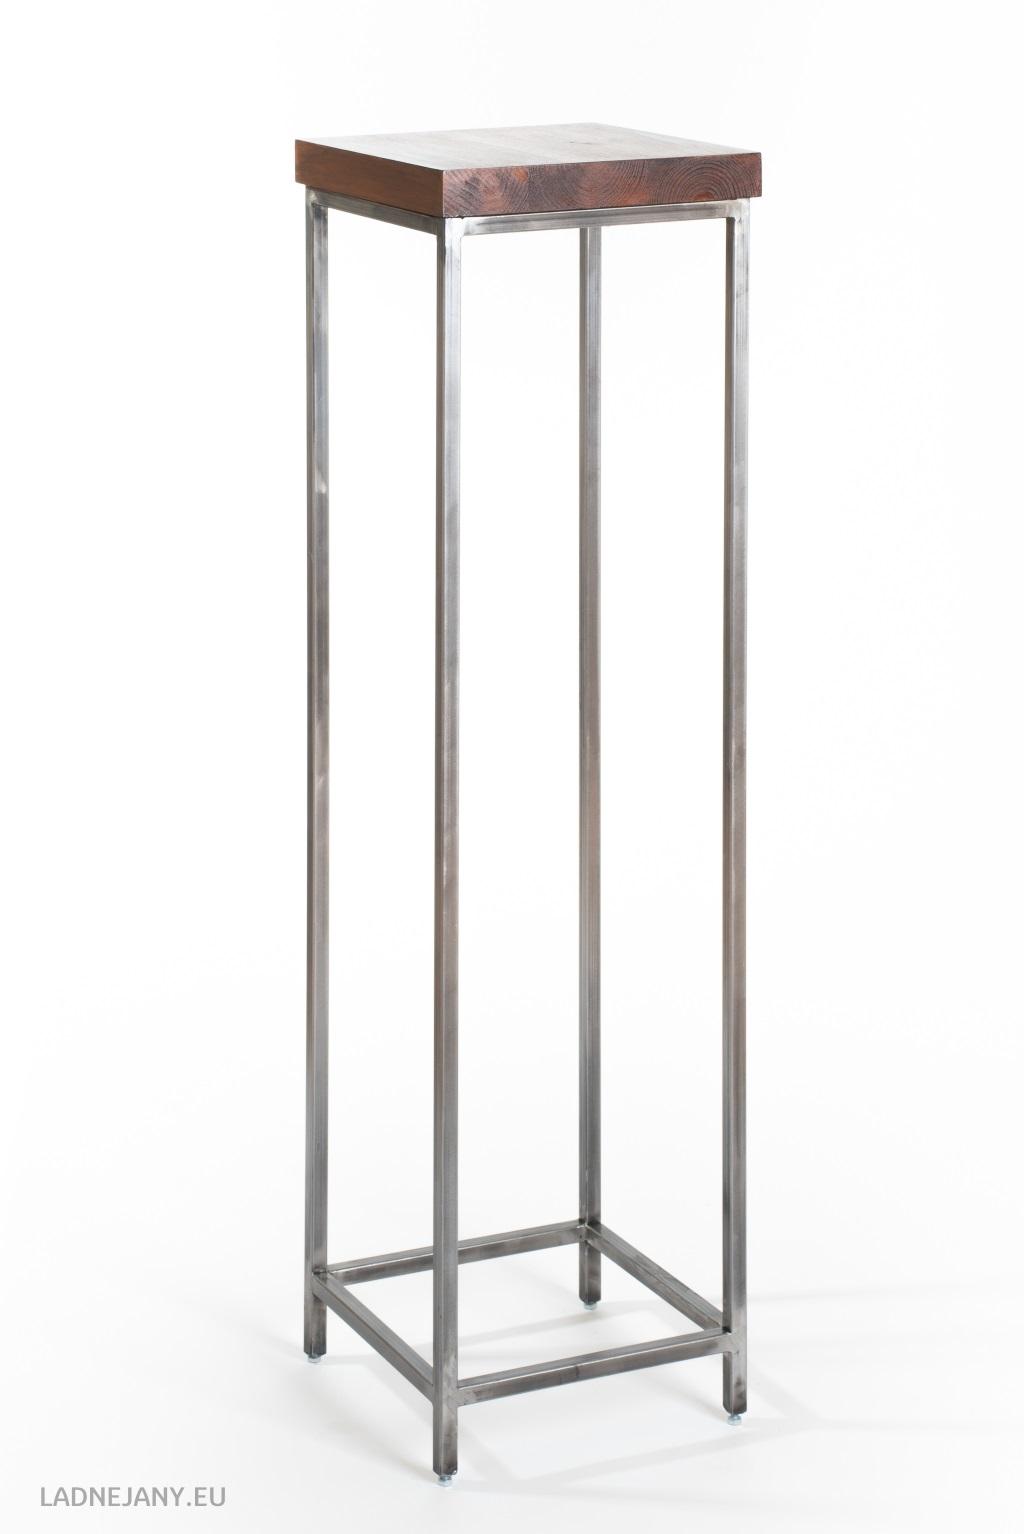 Metalowy kwietnik - cienki janek